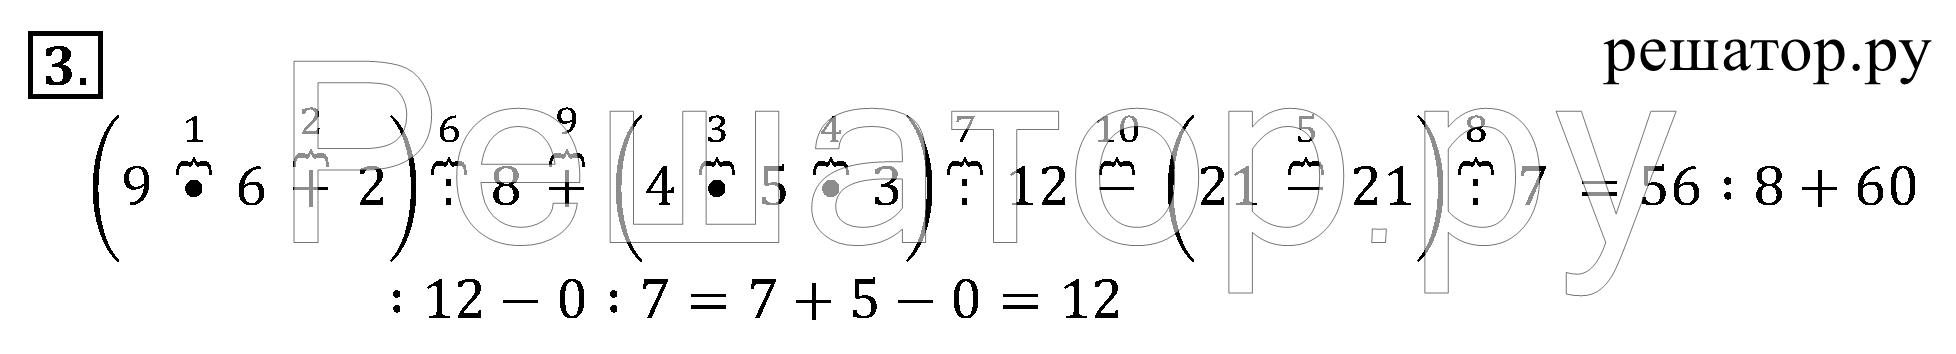 ГДЗ к самостоятельным и контрольным работам по математике класс  Самостоятельная работа к урокам 30 31 стр 27 28 1 2 3 4 5 Самостоятельная работа к урокам 32 33 стр 29 30 1 2 3 4 5 Контрольная работа к урокам